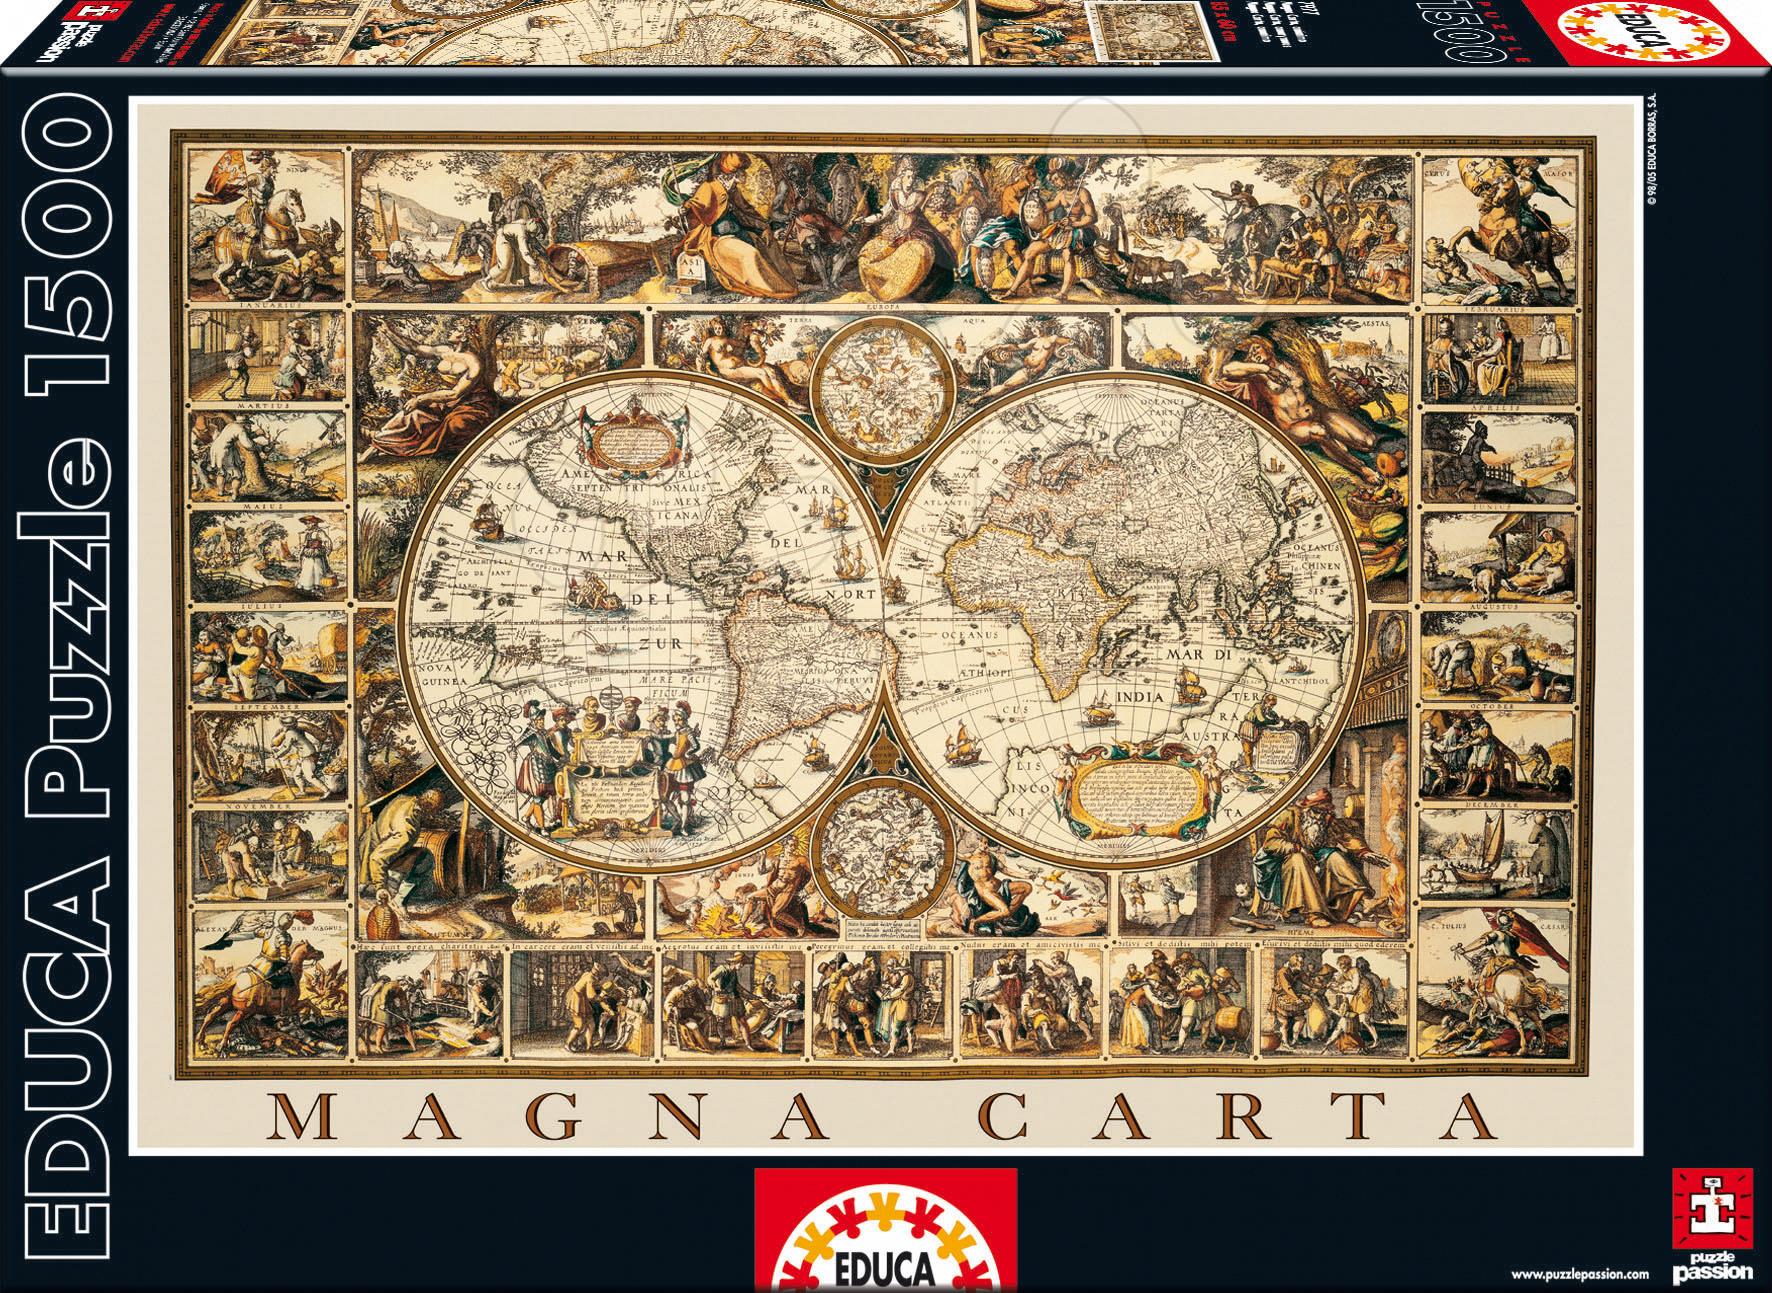 Puzzle 1500 dílků - Puzzle Magna carta / Anonymous / Educa 1500 dílků a FIX PUZZLE LEPIDLO